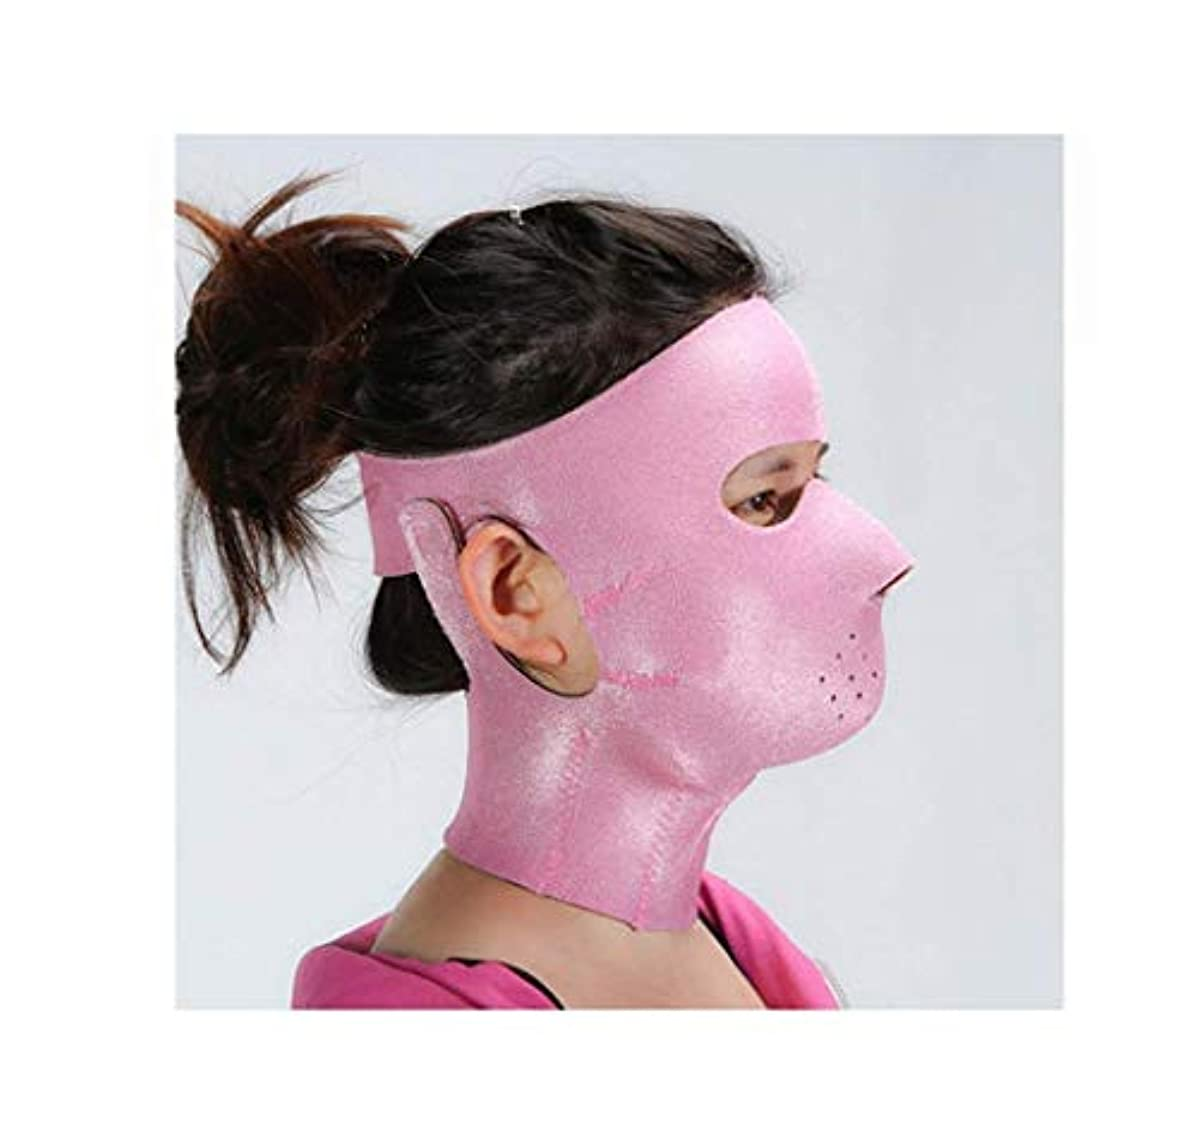 気絶させる普通の自殺フェイスリフトマスク、フェイシャルマスクプラス薄いフェイスマスクタイトなたるみの薄いフェイスマスクフェイシャル薄いフェイスマスクアーティファクトビューティーネックストラップ付き